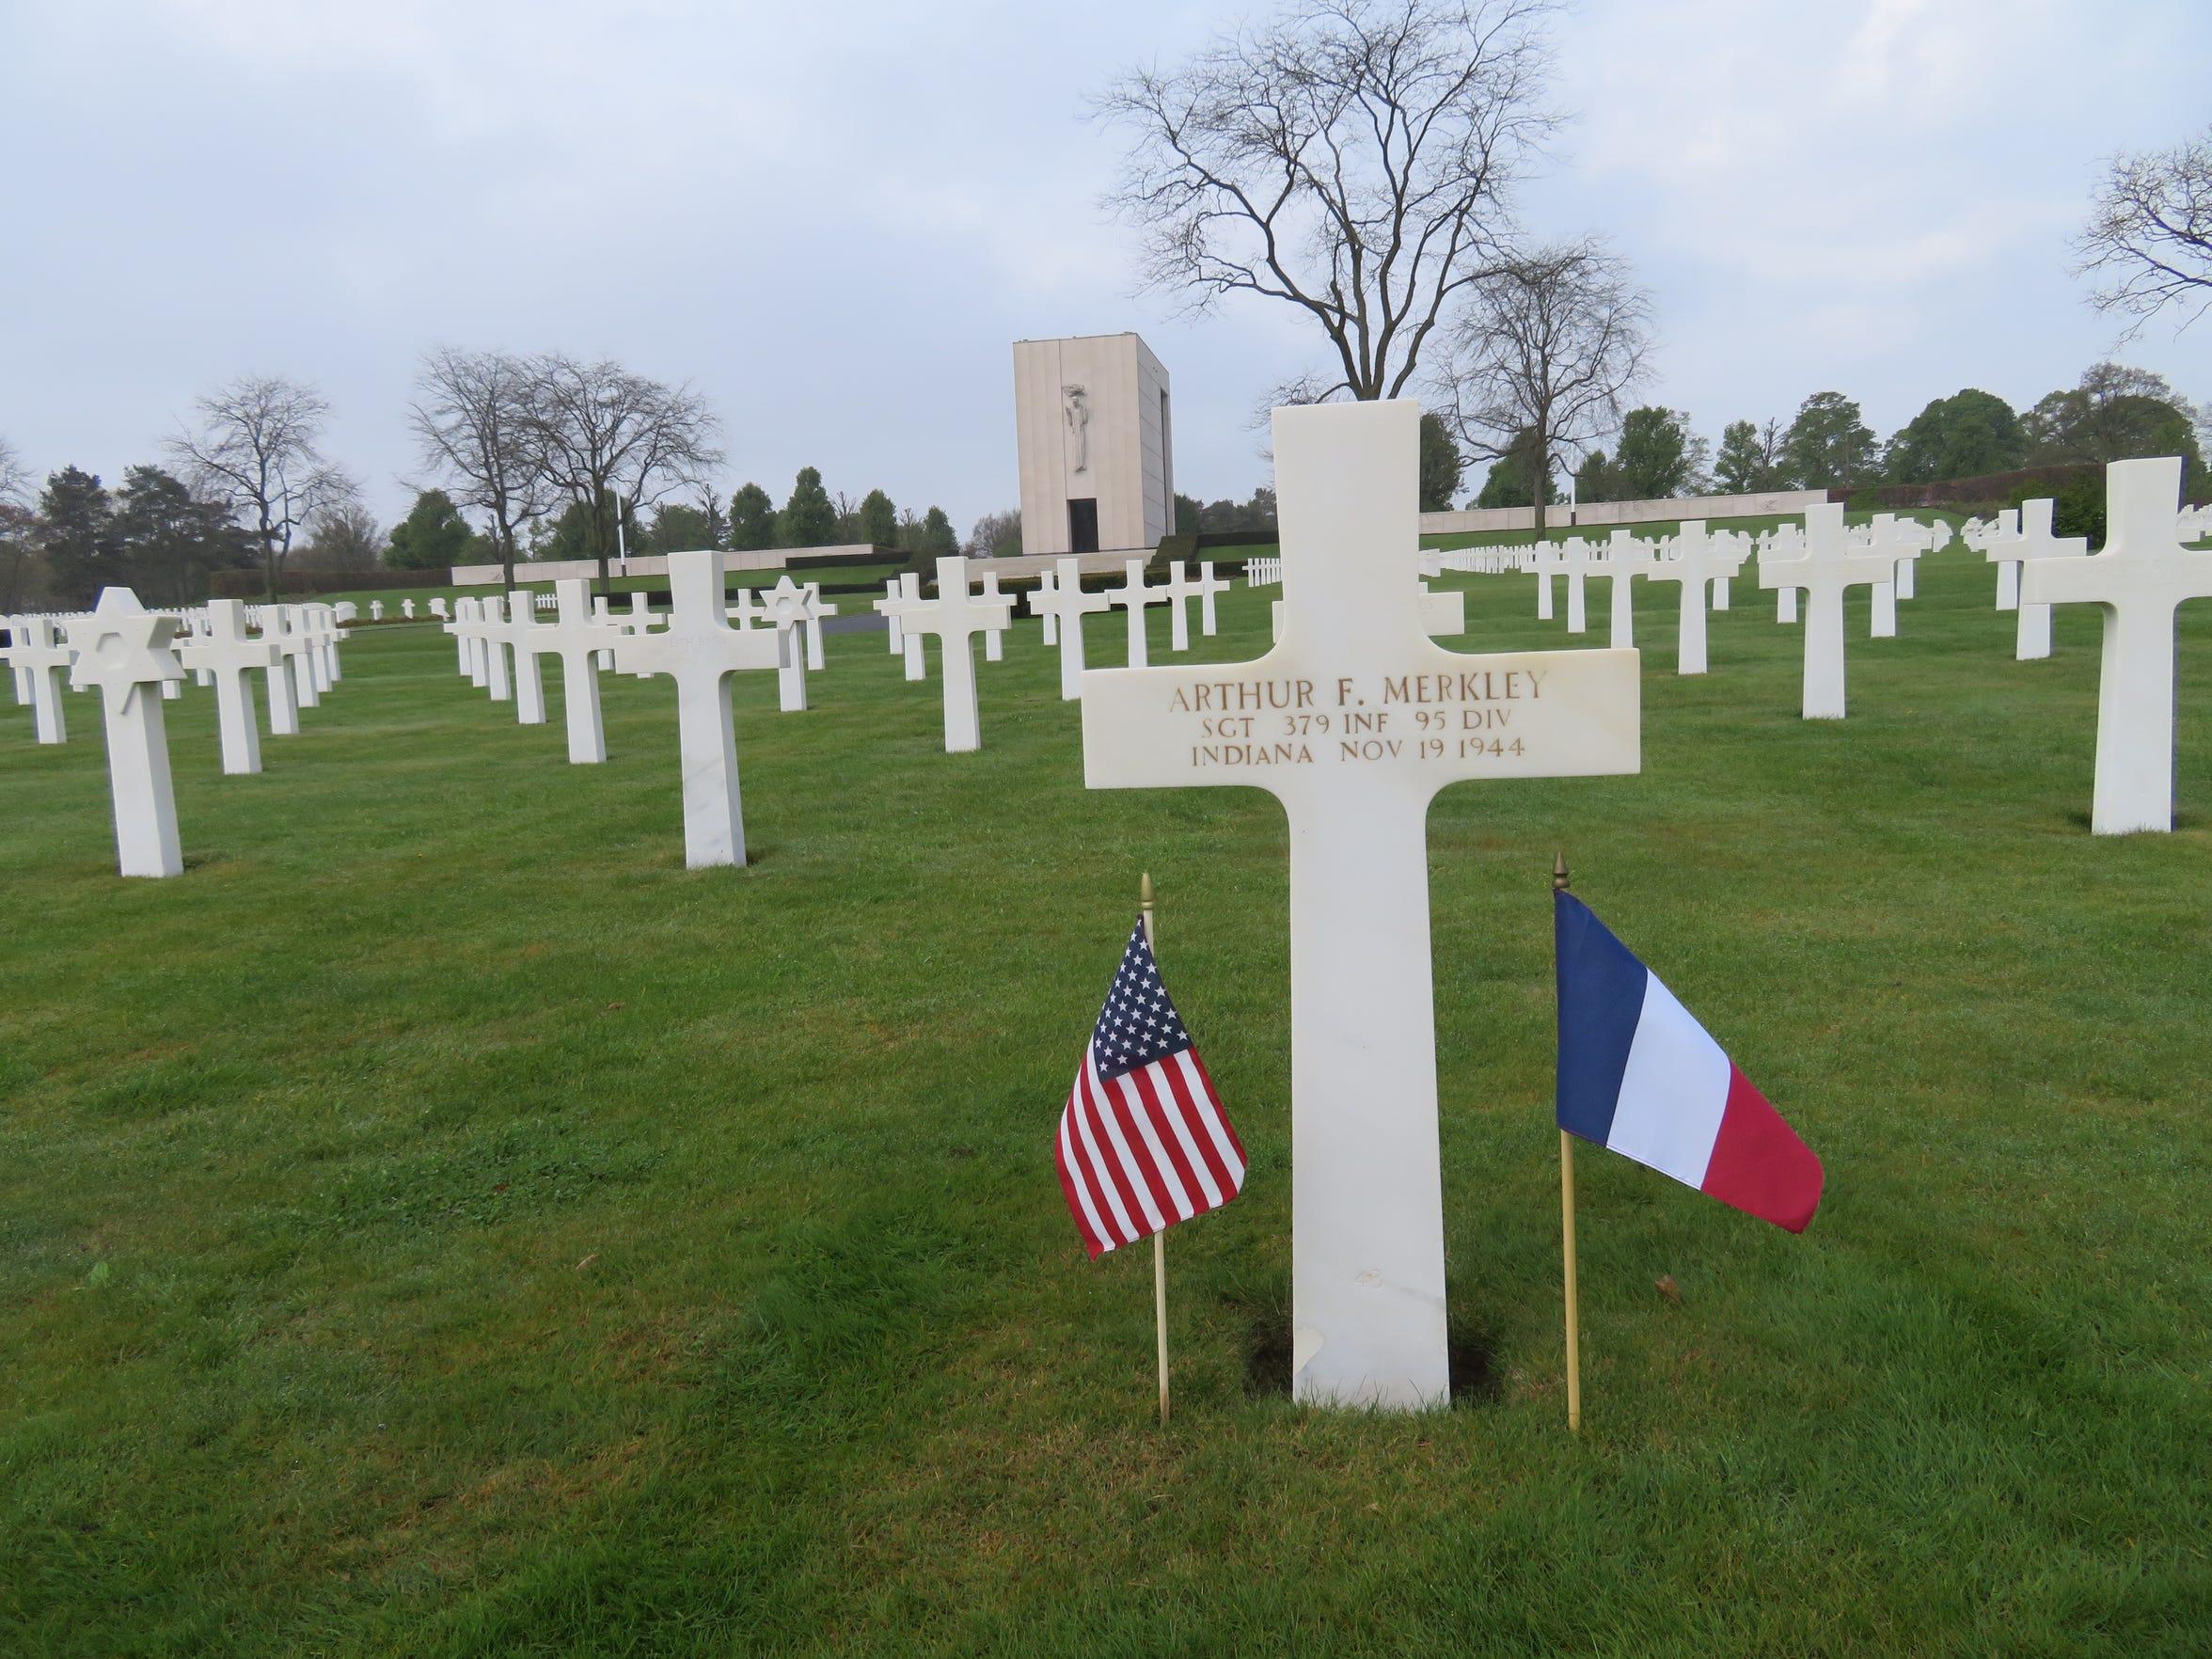 Arthur Merkley's grave in France.